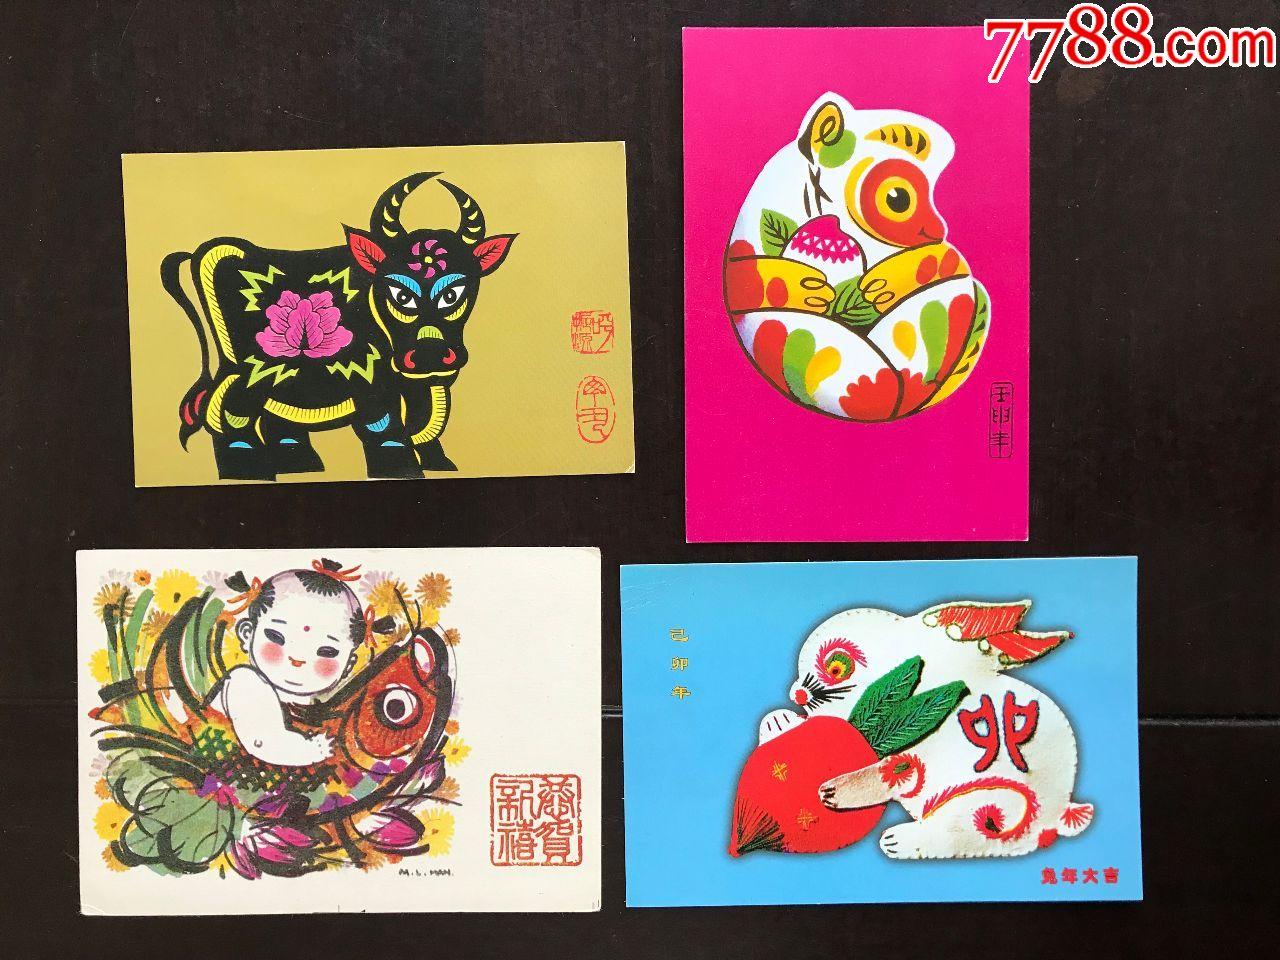 集邮杂志夹寄贺年生肖片(4枚;羊/猴/兔)_价格10元【不三不四】_第1张